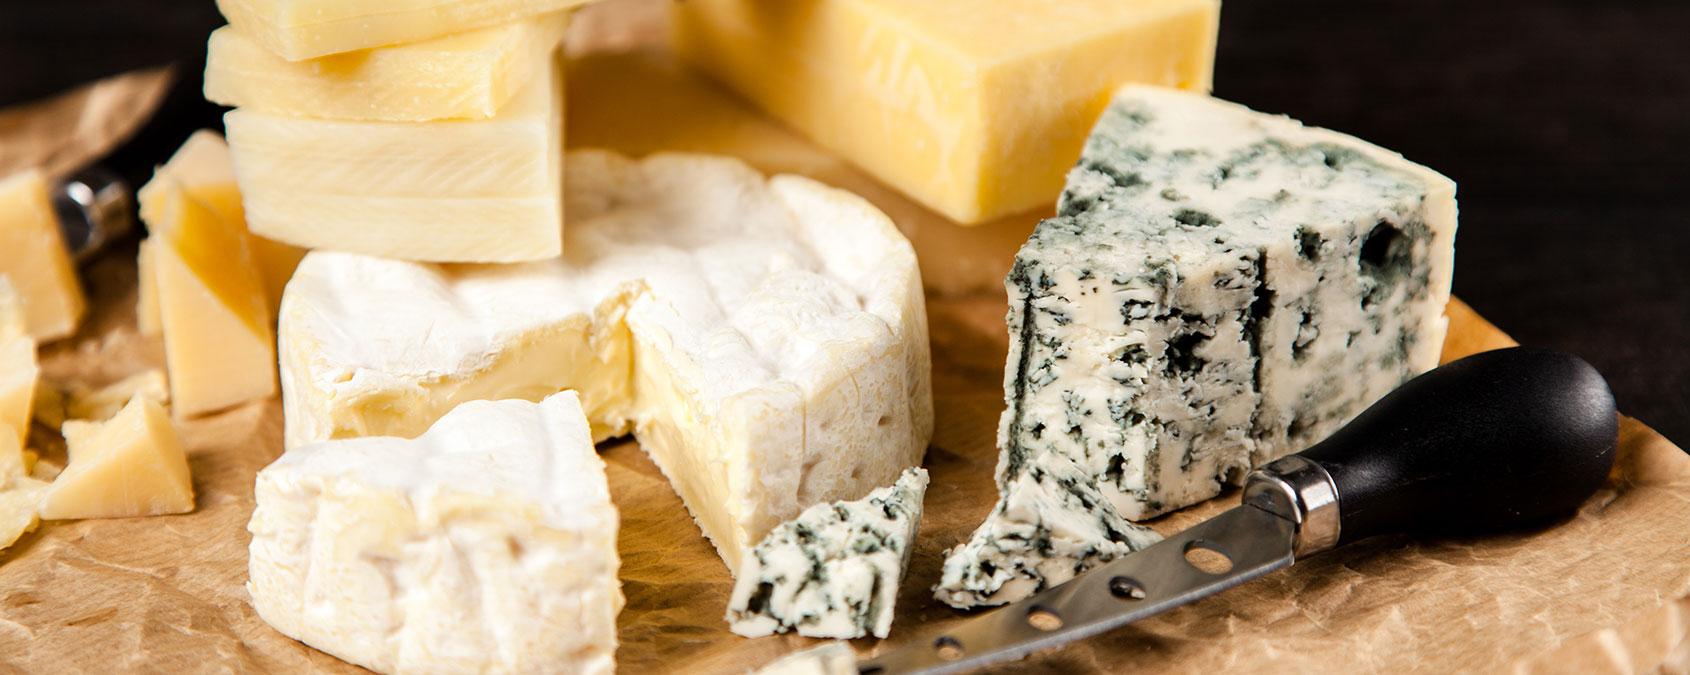 Les fromages sans lactose